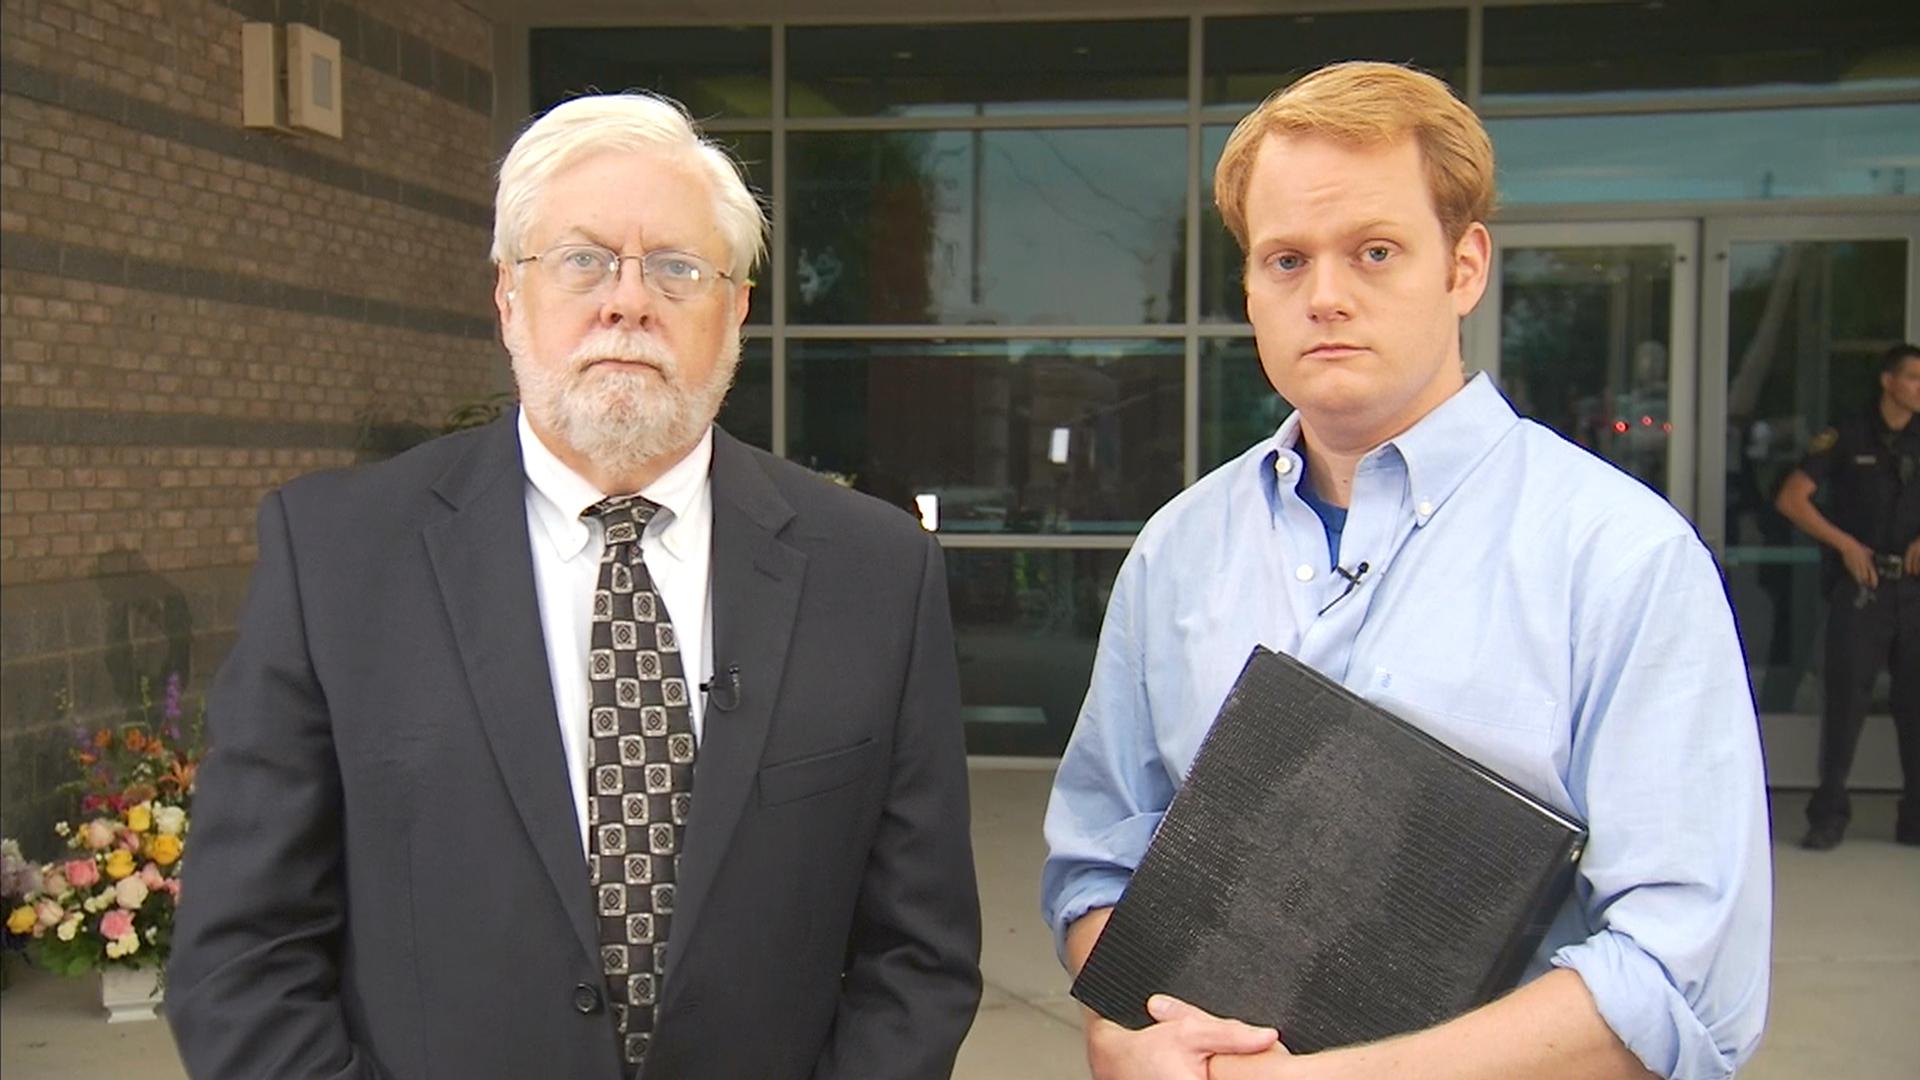 Virginia TV Shooting: Chilling Image Alerted Station to Killer Vester Flanagan